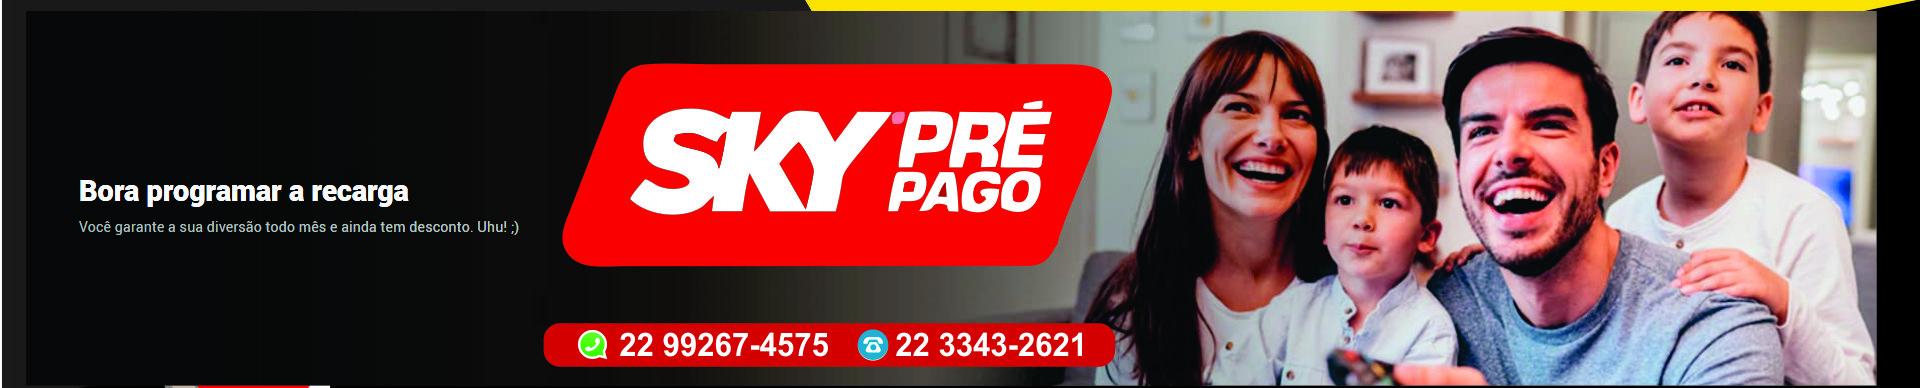 <p>Só na Casal Sat você encontra ótimos planos para o seu natal em família!</p>  <p>Assine SKY Planos e Combos SKY para você sair do básico, Unamar, Cabo Frio, Rio das Ostras, São Pedro da Aldeis, Araruama, Iguaba, Macaé, Região dos Lagos, sky pós pago, assine sky</p>